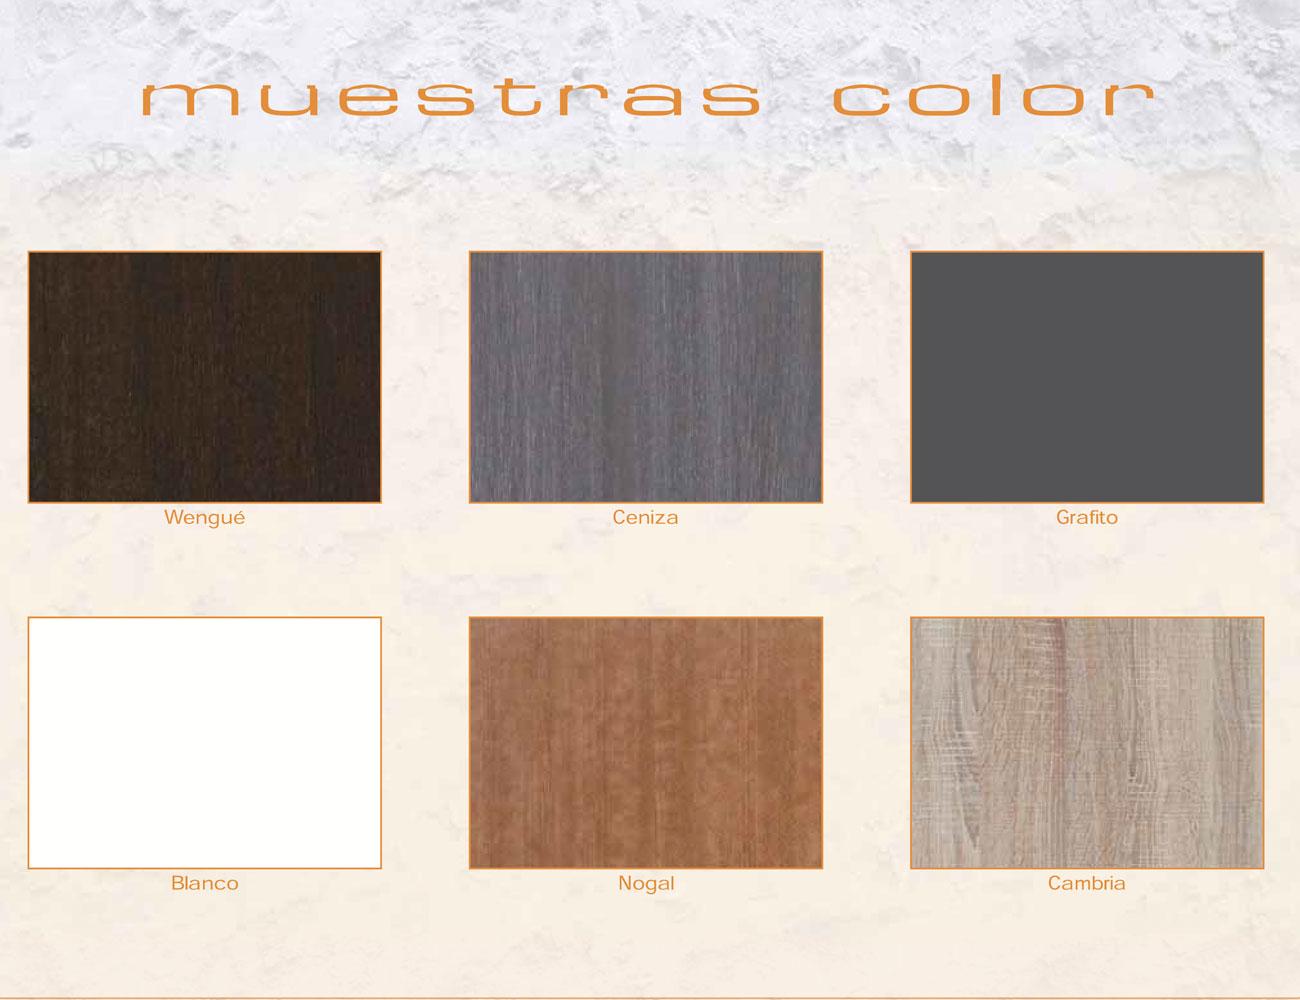 Muestras color muebles expo18